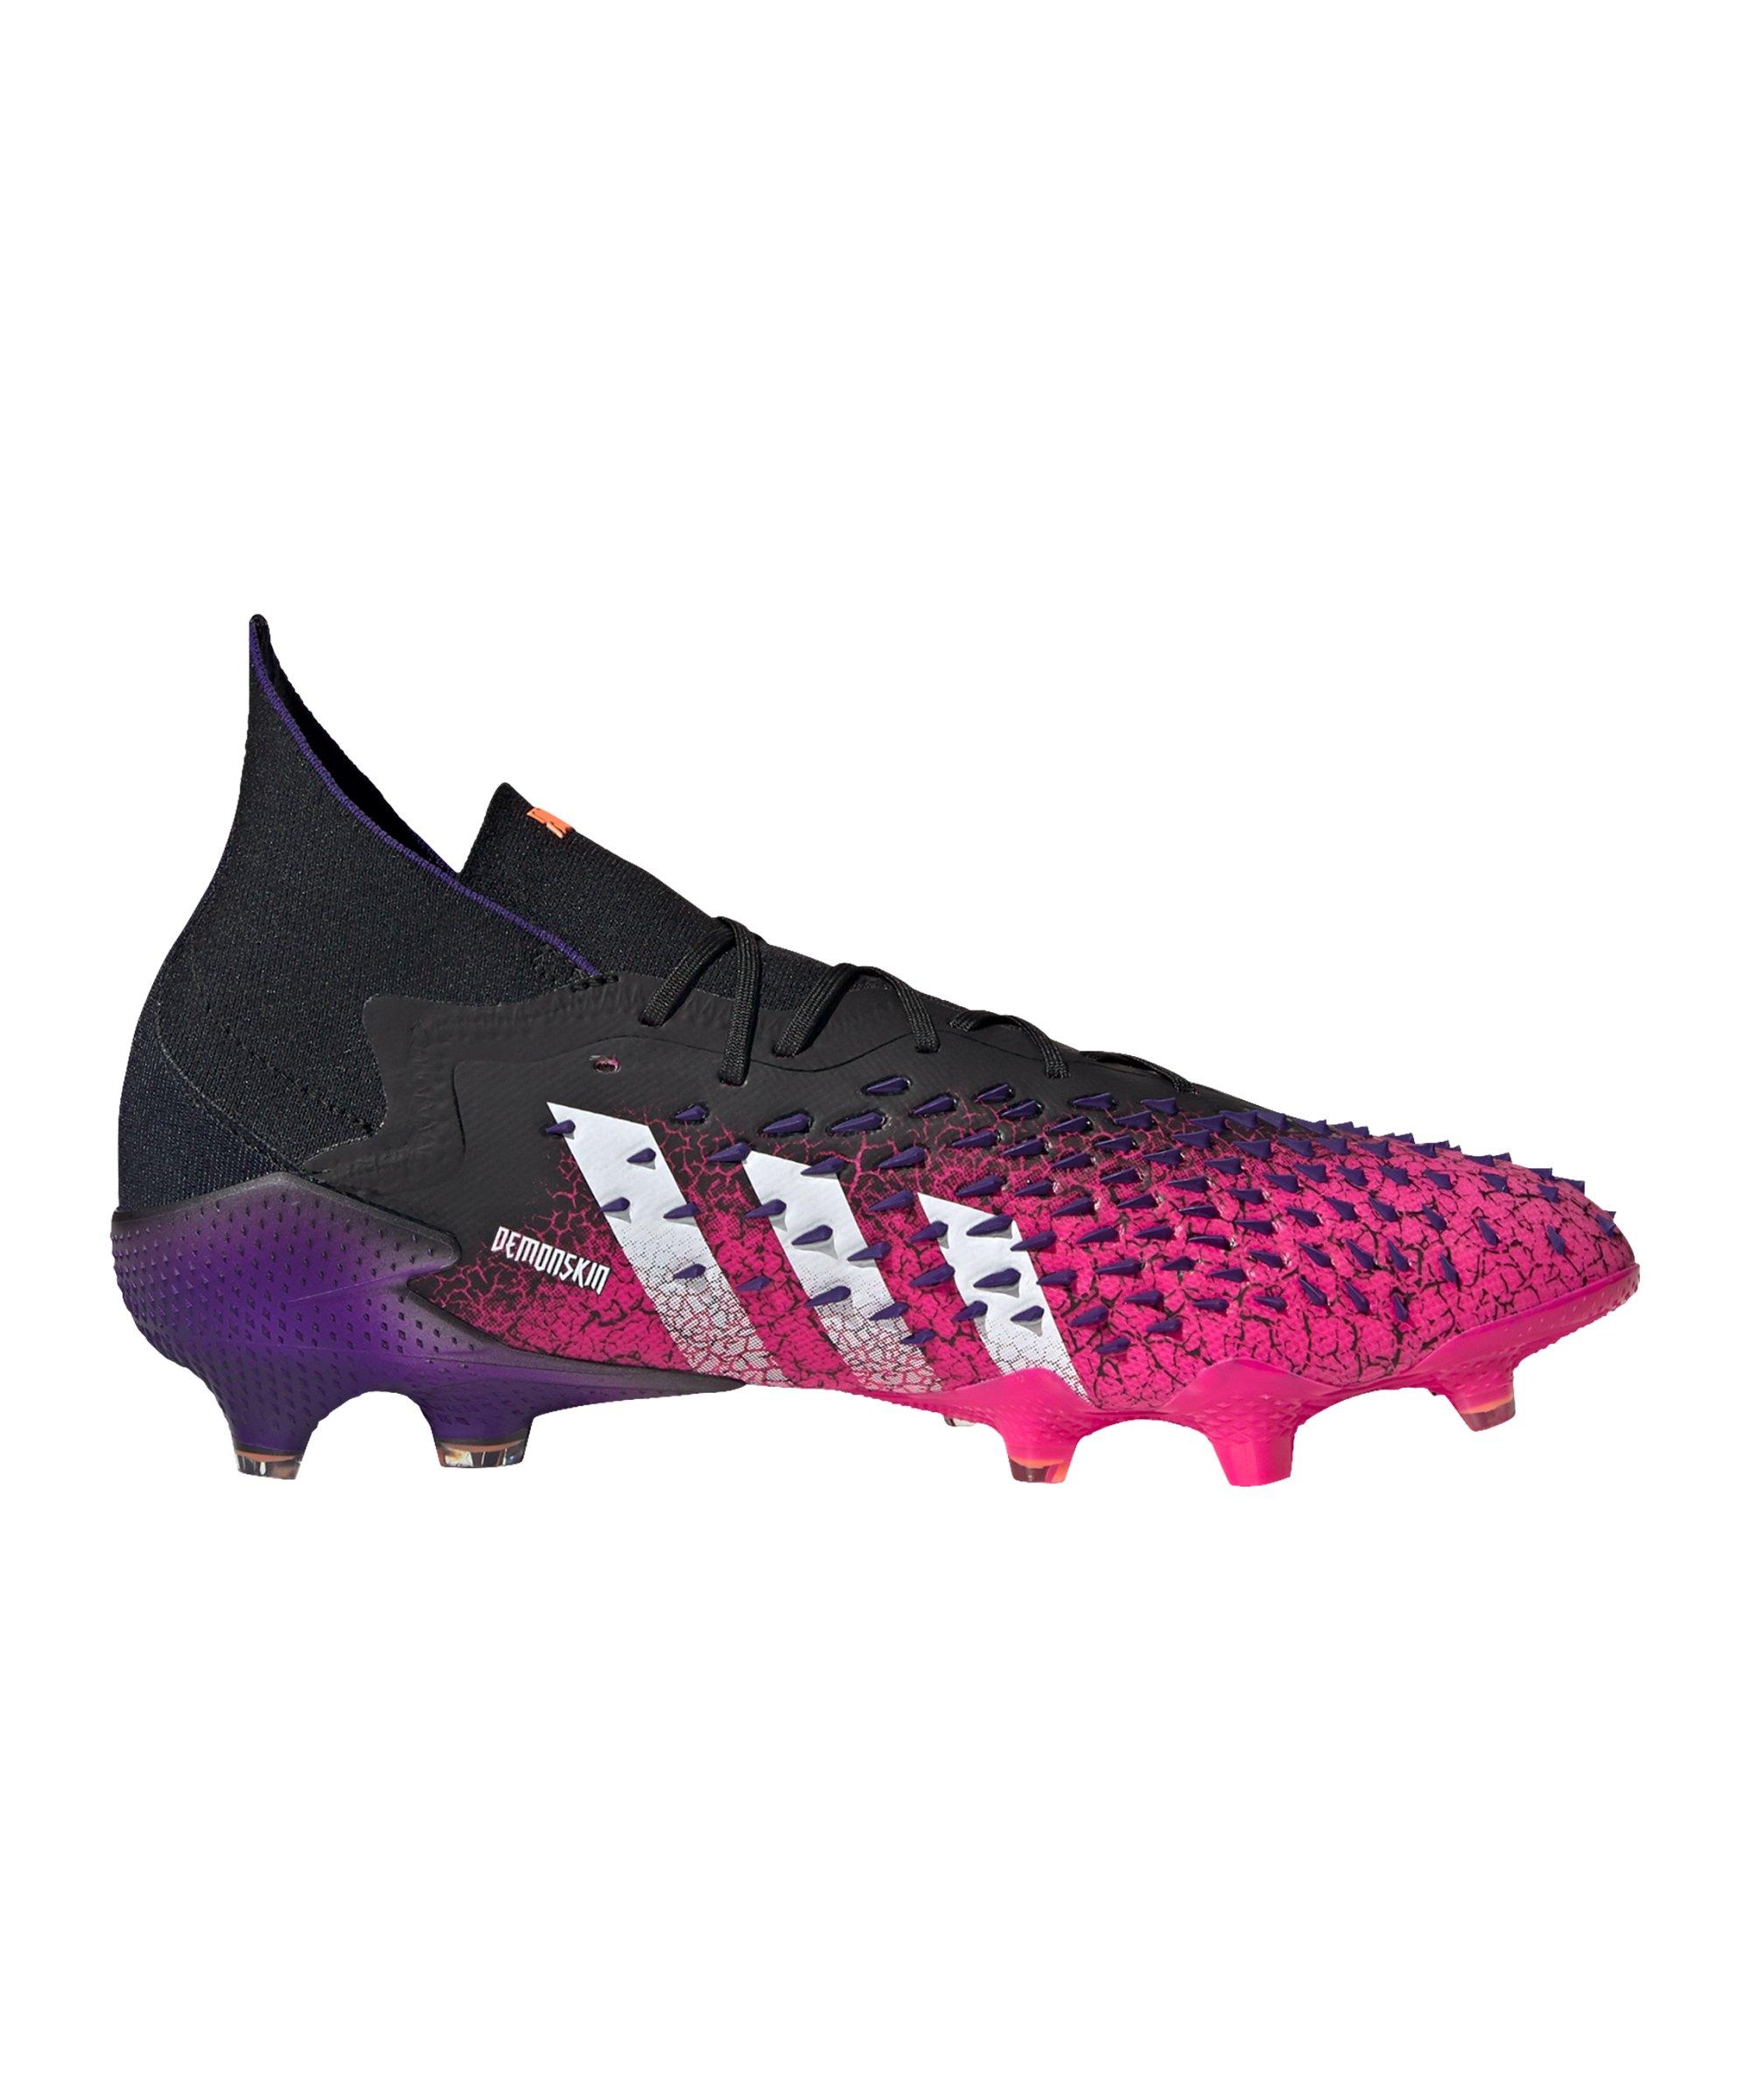 adidas Predator FREAK.1 FG Superspectral Schwarz Weiss Pink - schwarz